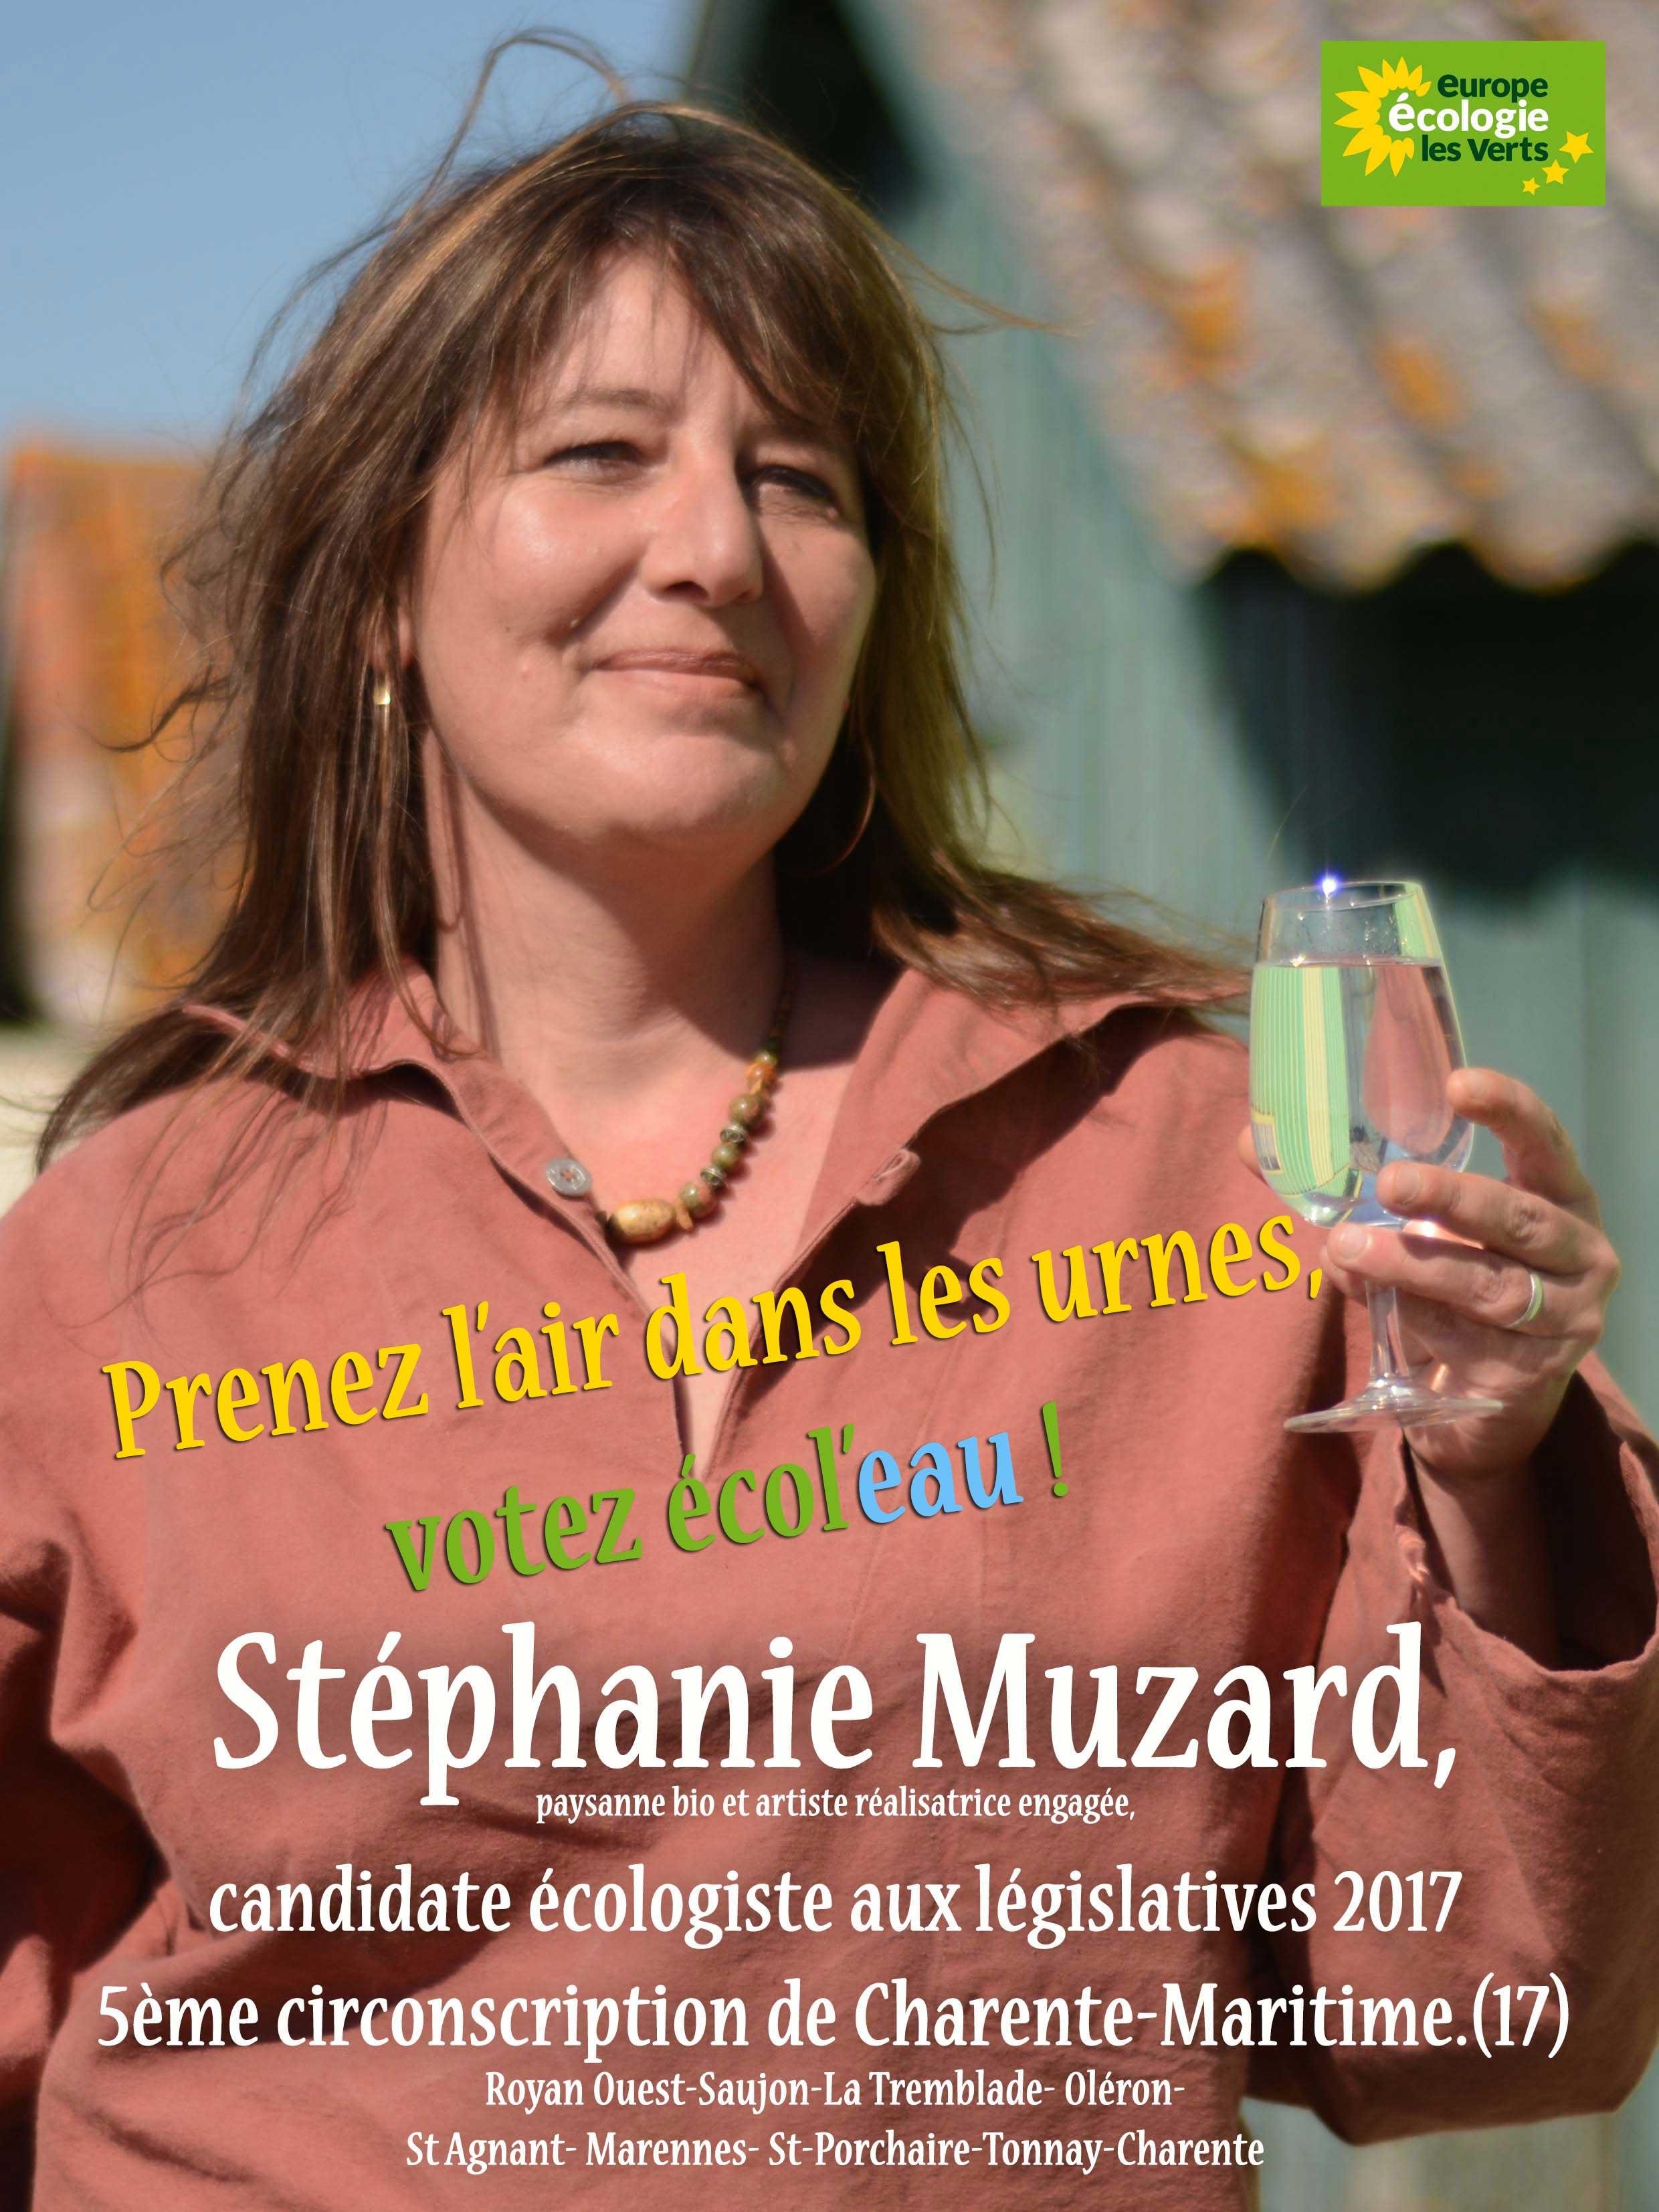 photo-officielle-avec-typo-et-votez-écol'eau-pour-le-web.jpg